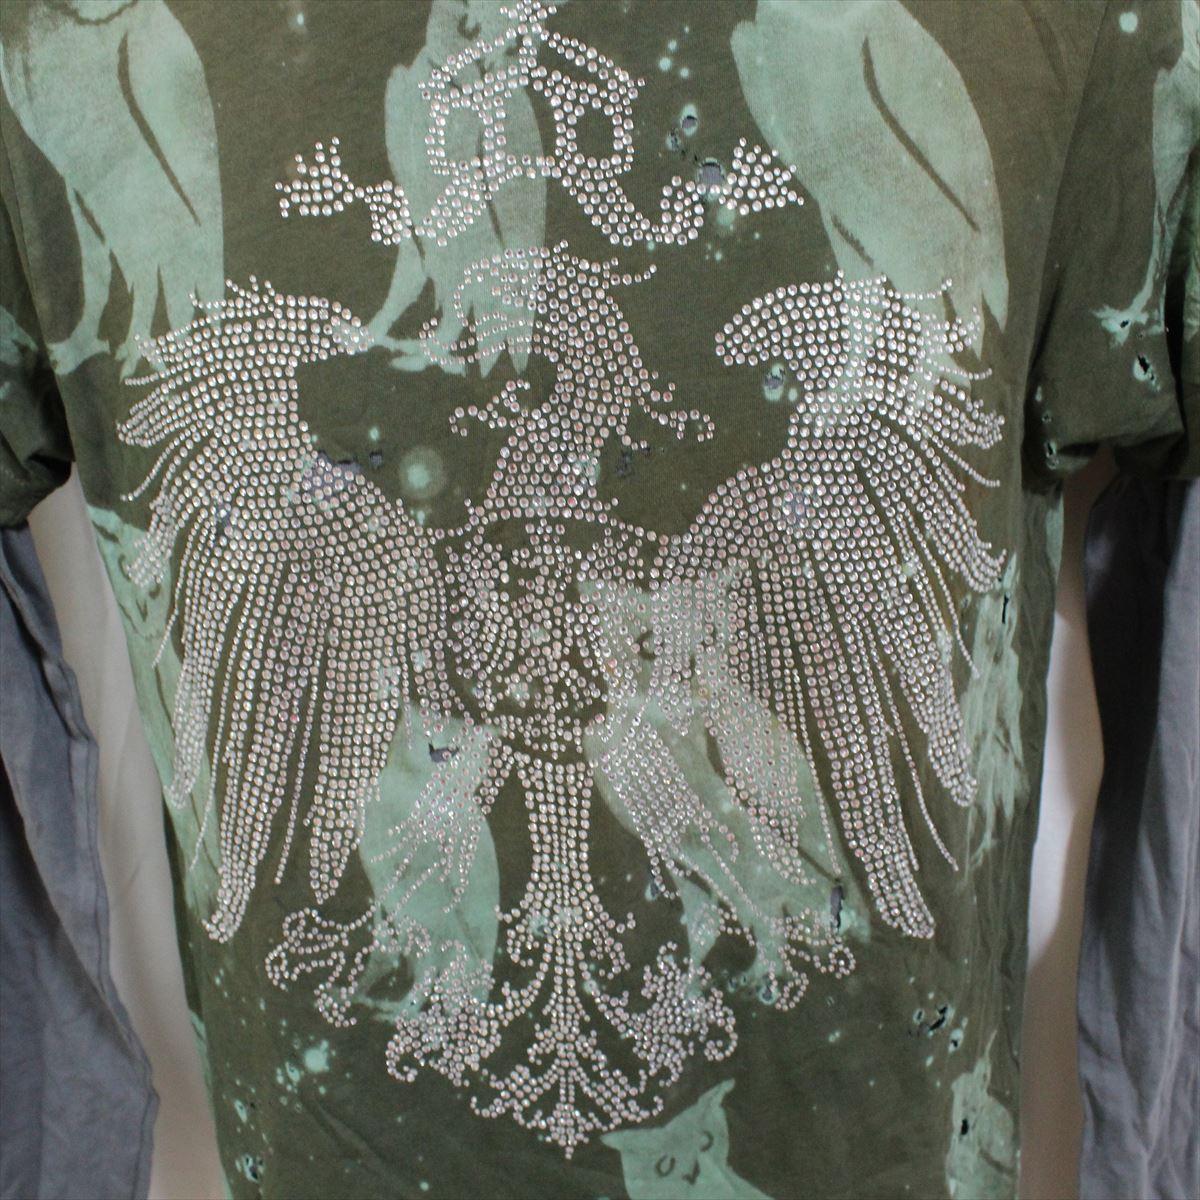 アイコニック ICONIC COUTURE メンズ長袖Tシャツ カーキグリーン Lサイズ 新品 ダブルスリーブ フクロウ アメリカ製_画像2